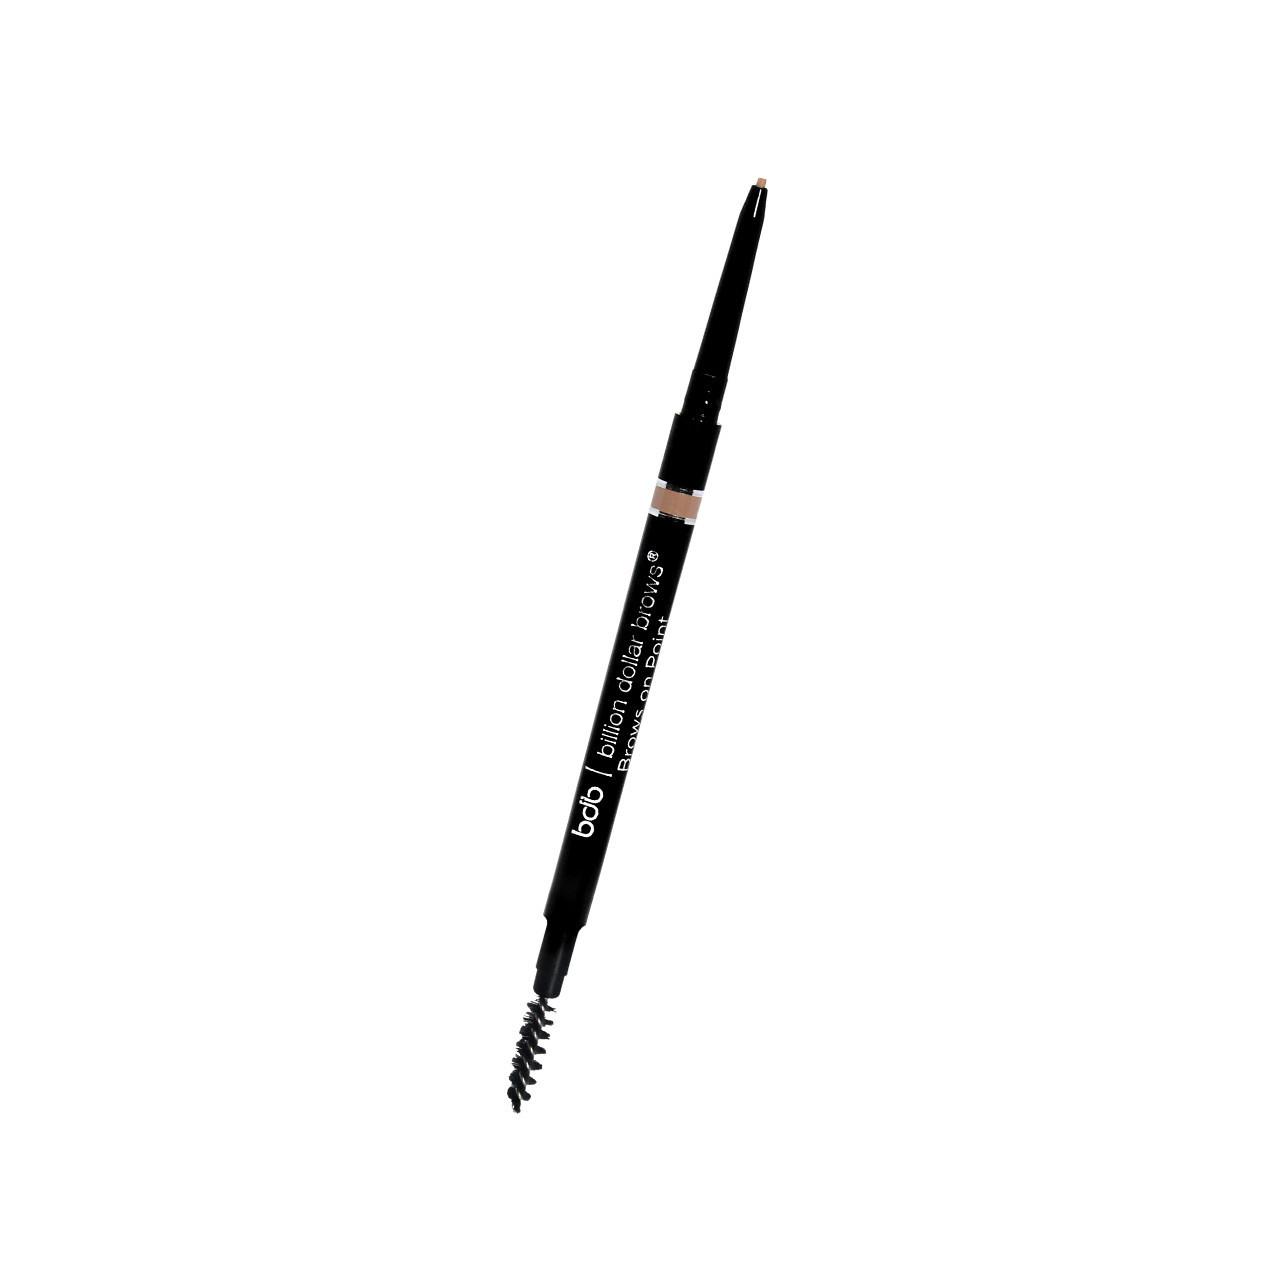 Карандаш для бровей Brows on Point Micro Pencil